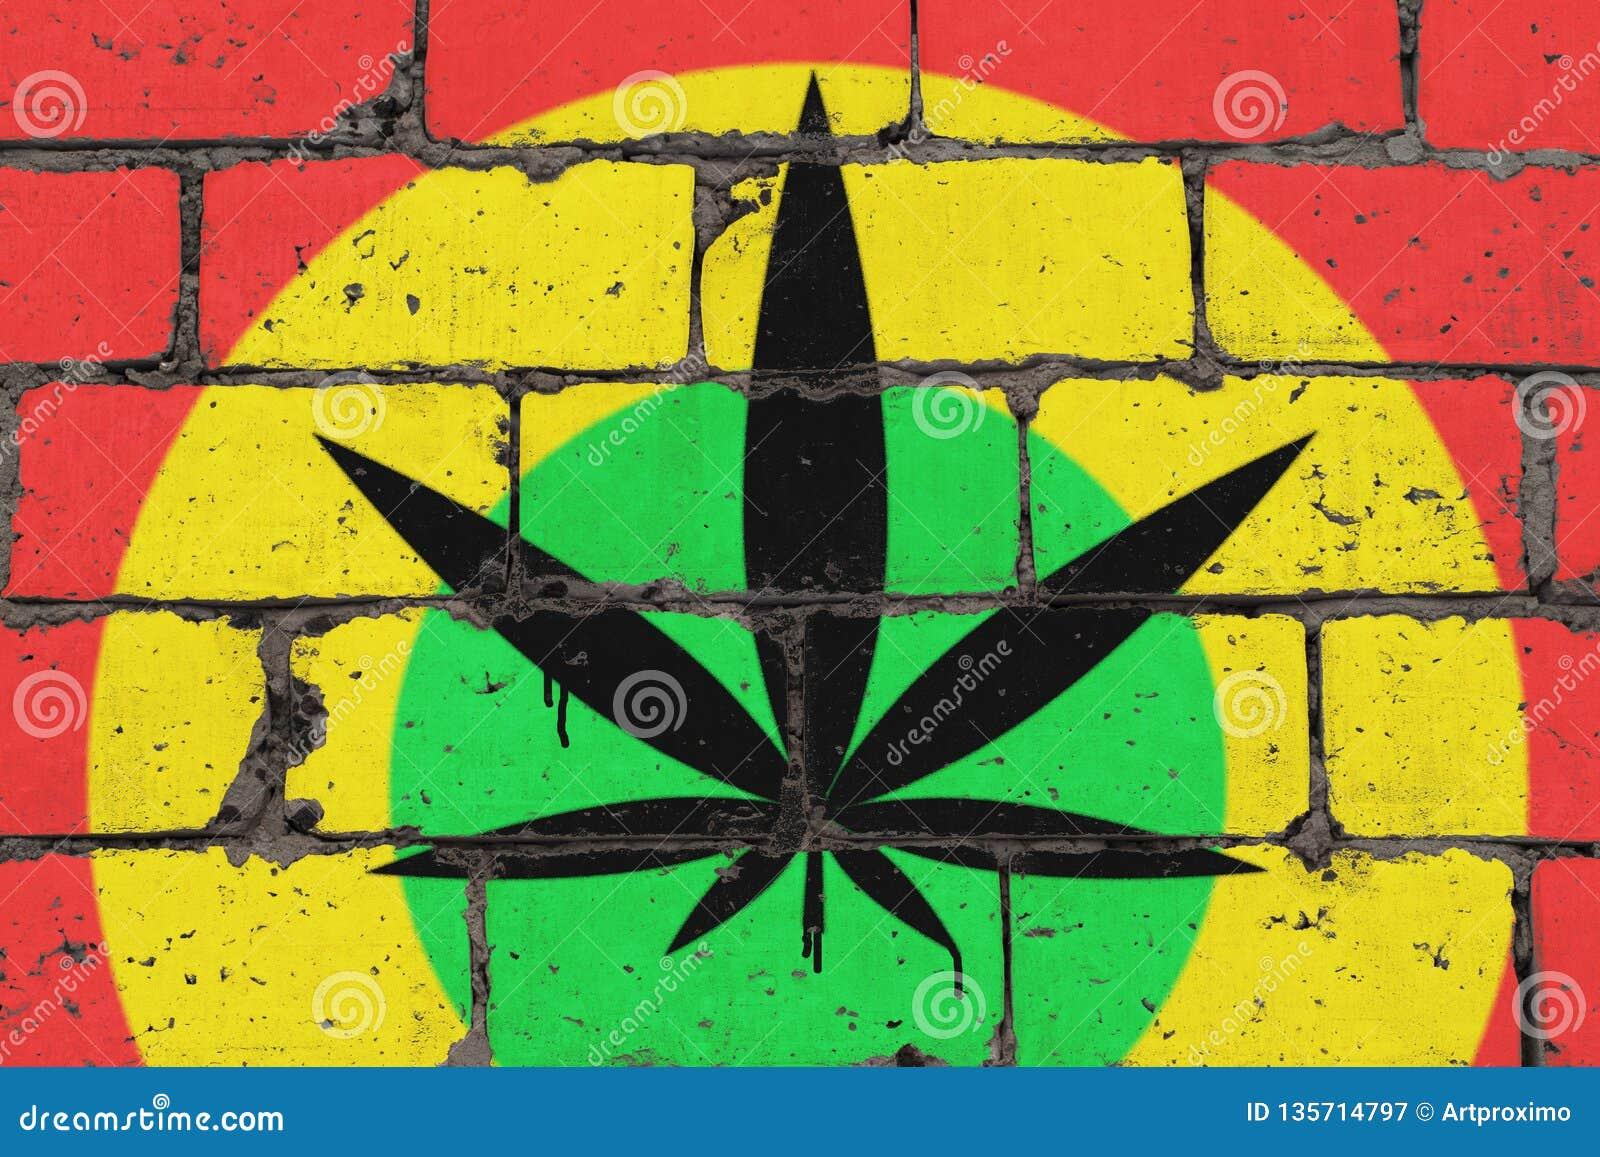 Граффити конопли пересылка марихуаны